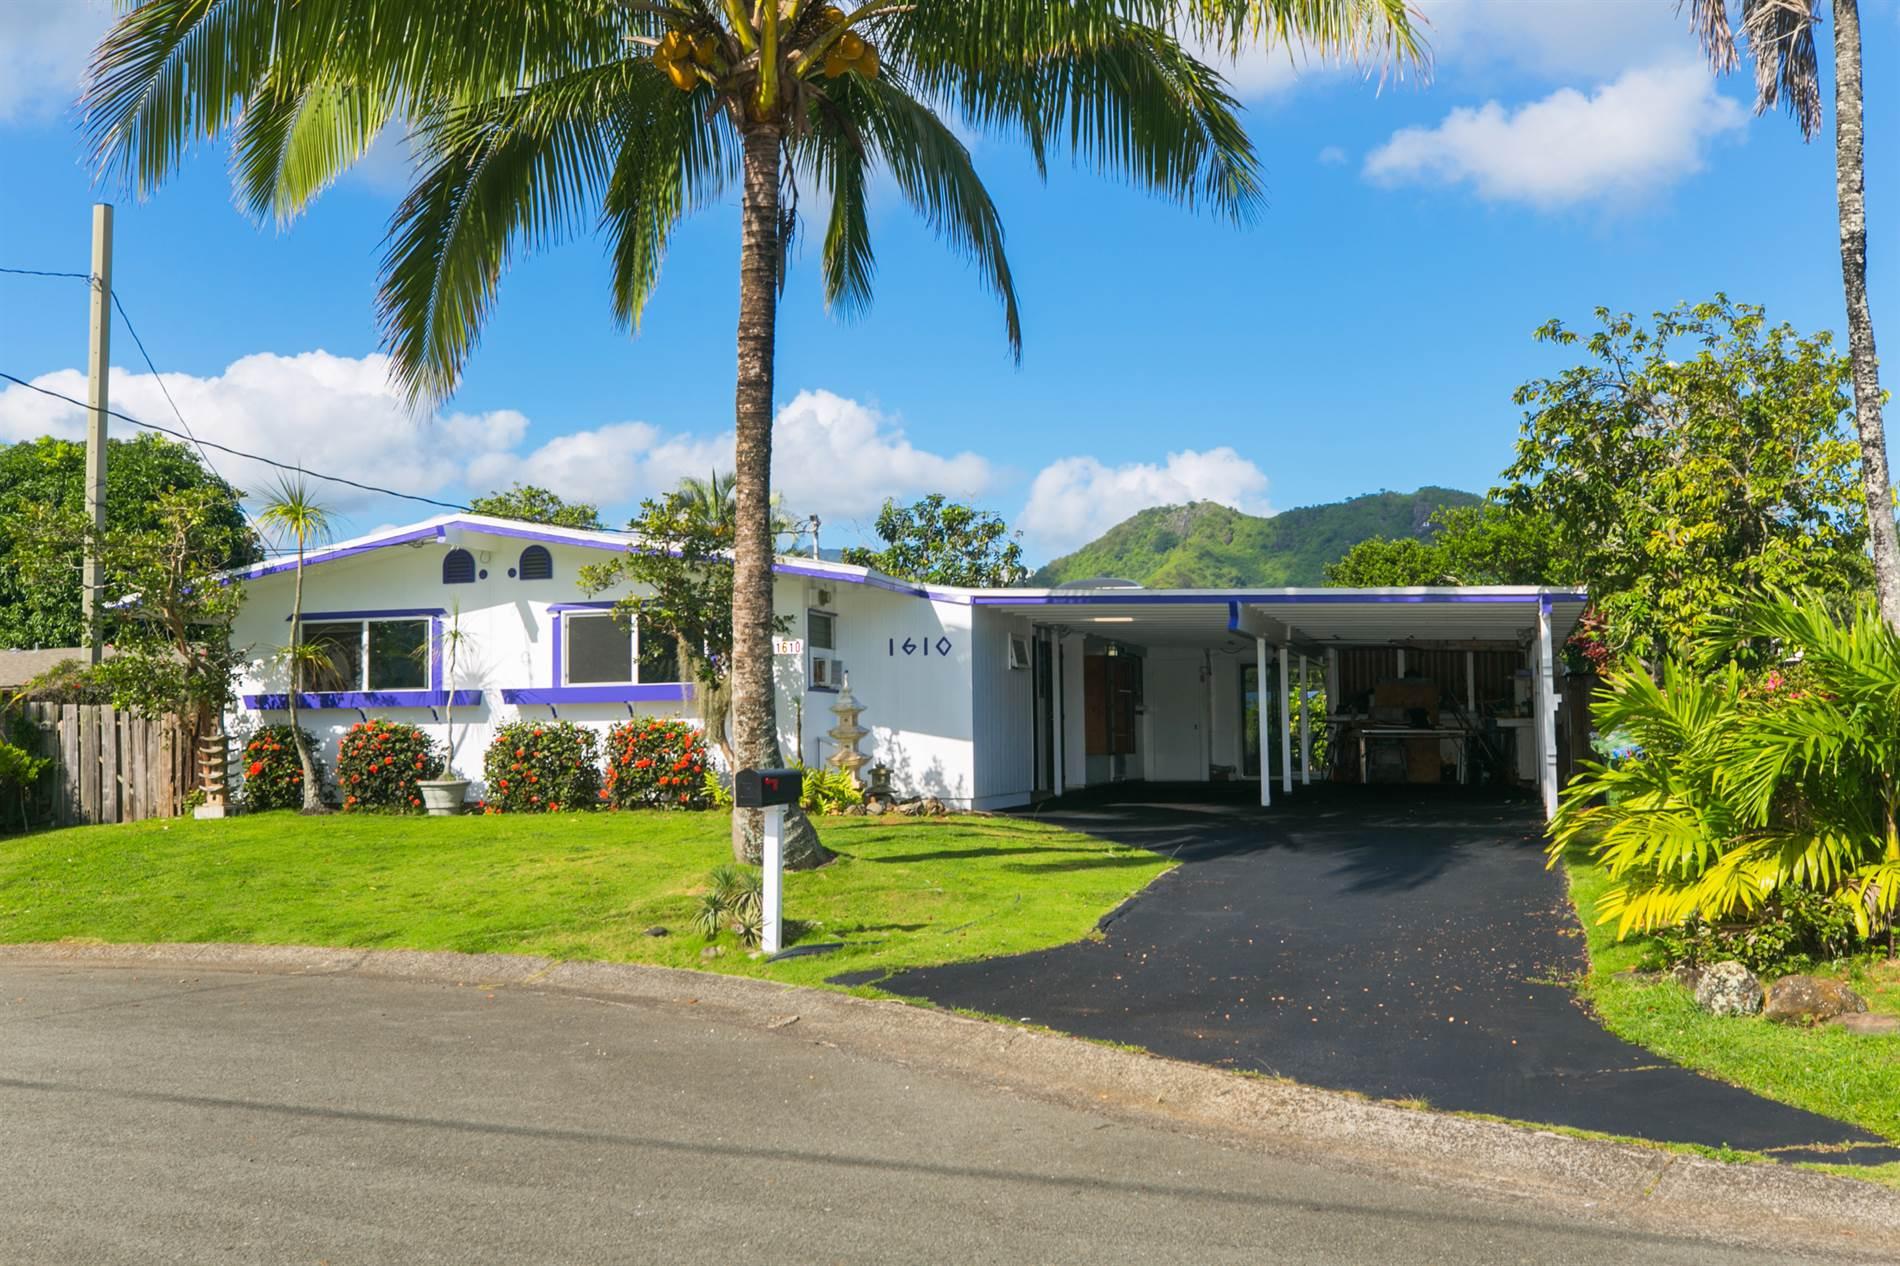 1610 Ulualana Place, Kailua, HI 96734